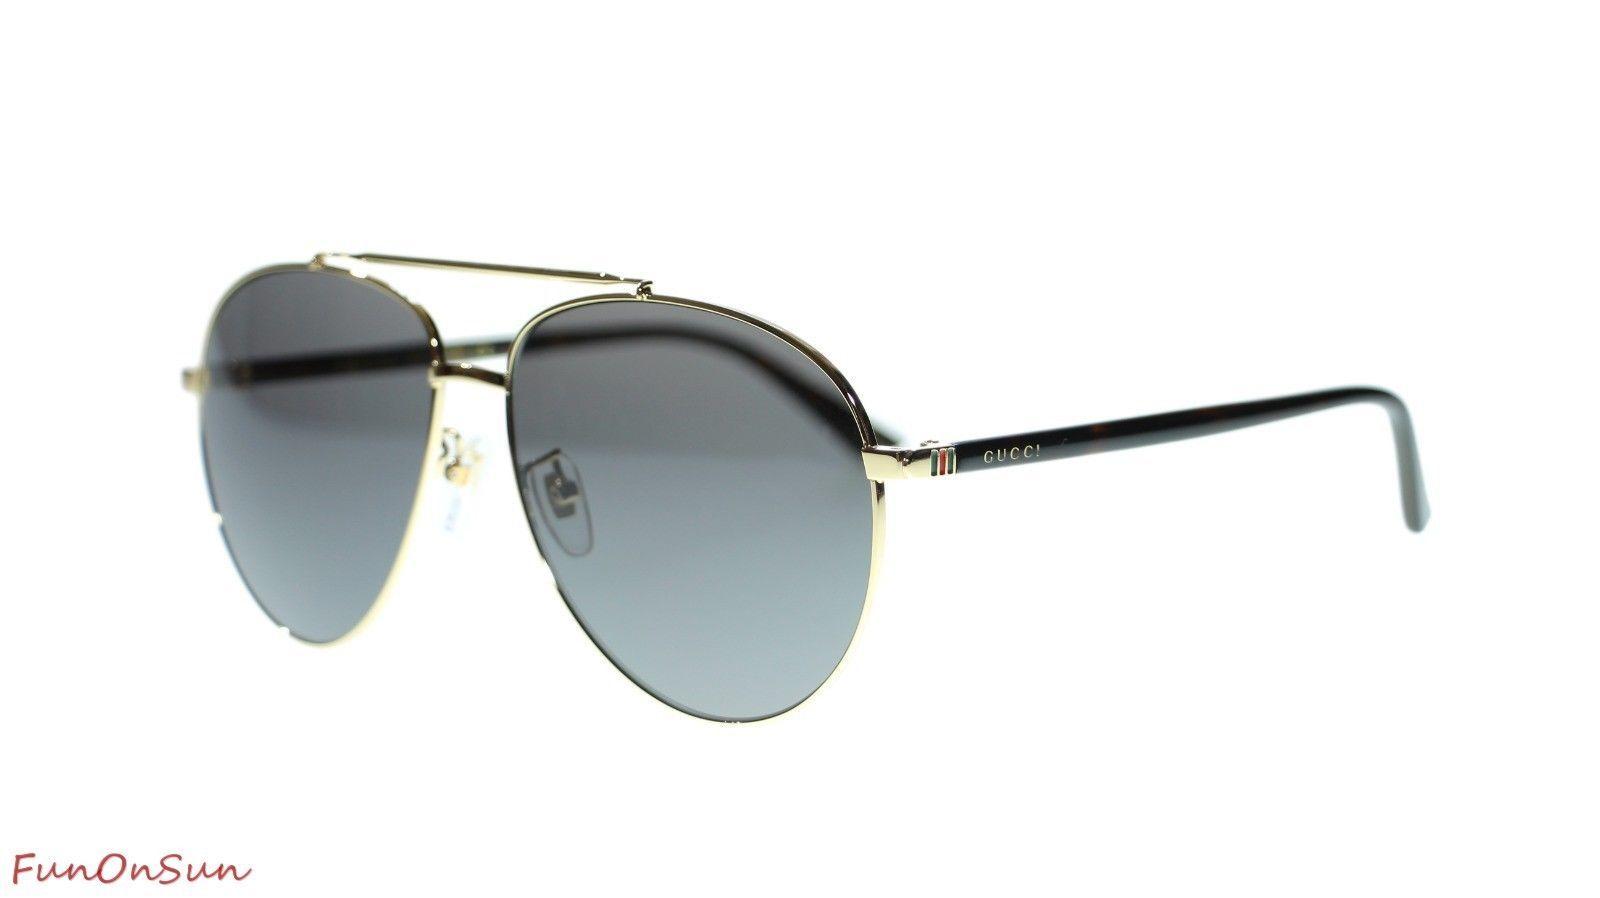 6002eecedca2a 10. 10. Previous. NEW Gucci Men s Sunglasses GG0043SA 002 Gold Havana Grey  Lens 61mm